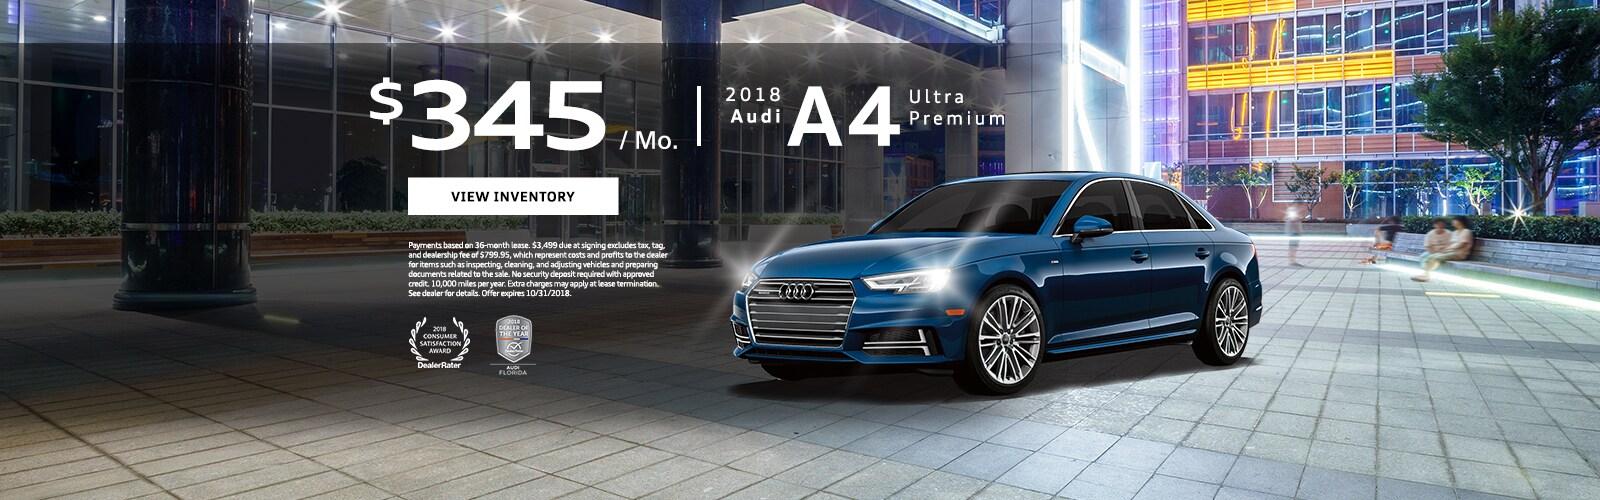 Audi Clearwater New Audi Dealership Near St Petersburg Tampa - Audi dealers florida